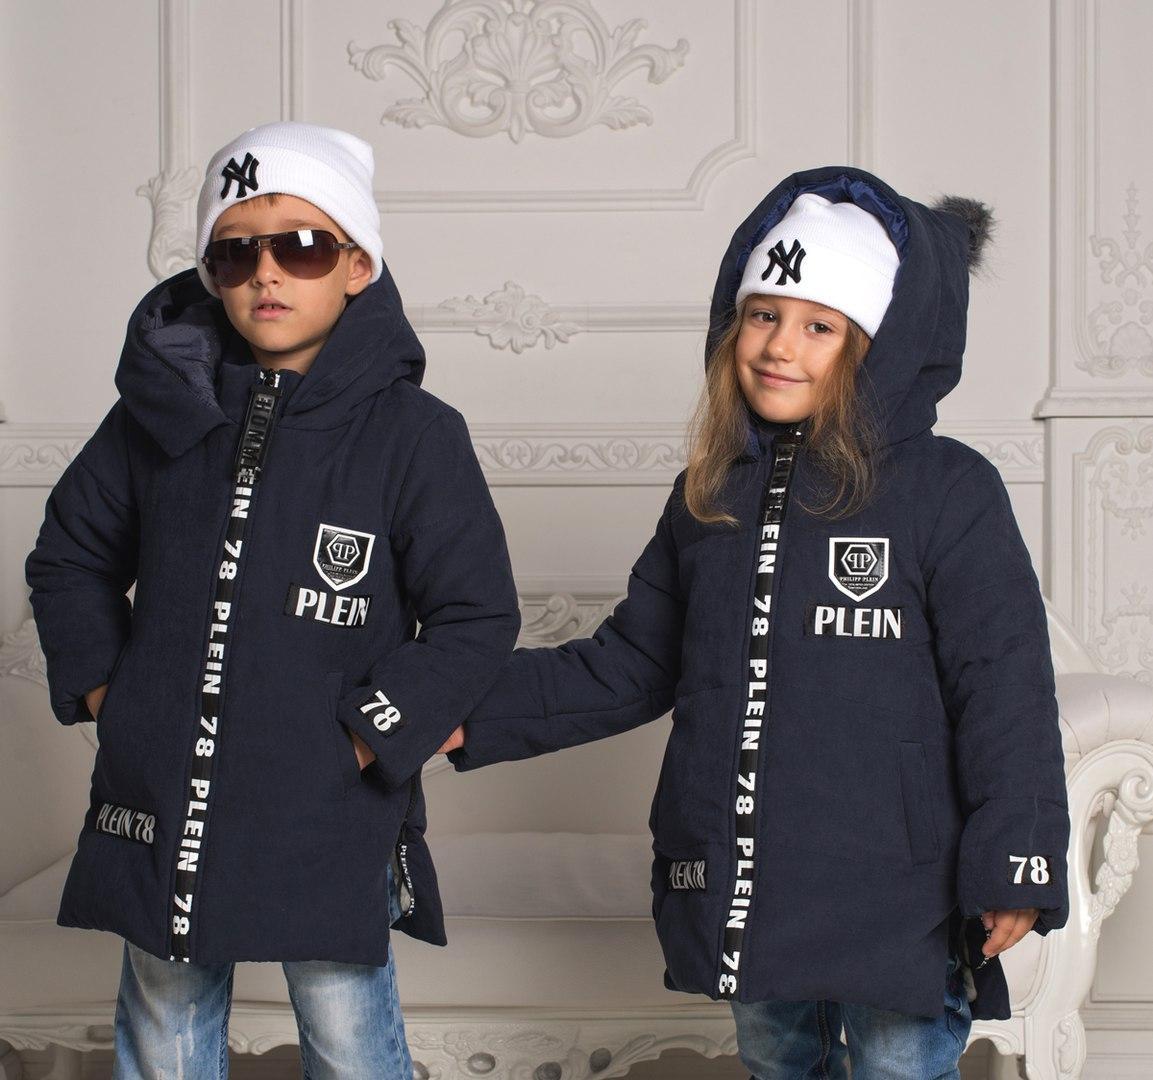 Стильная куртка-парка с нашивками, очень теплая. Мальчик+девочка.